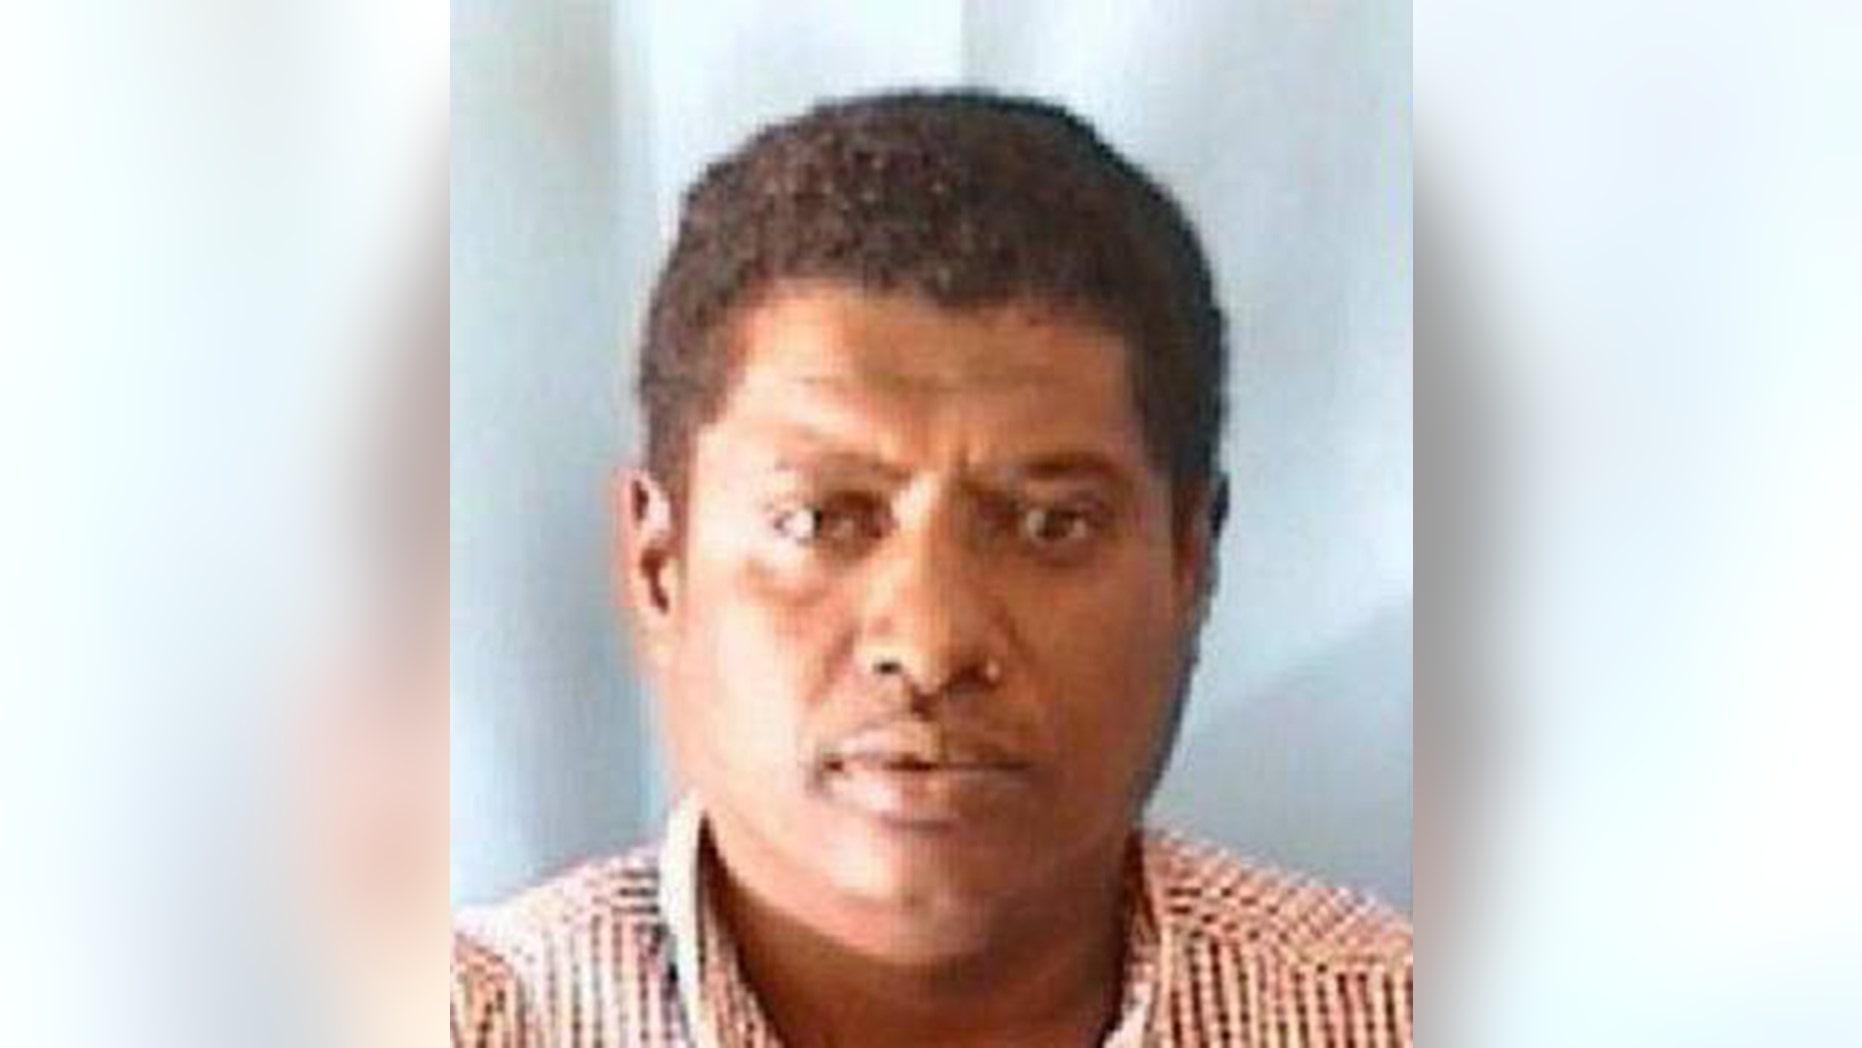 Isam Fathee Mohamed Rahmah, 51, of Durham.